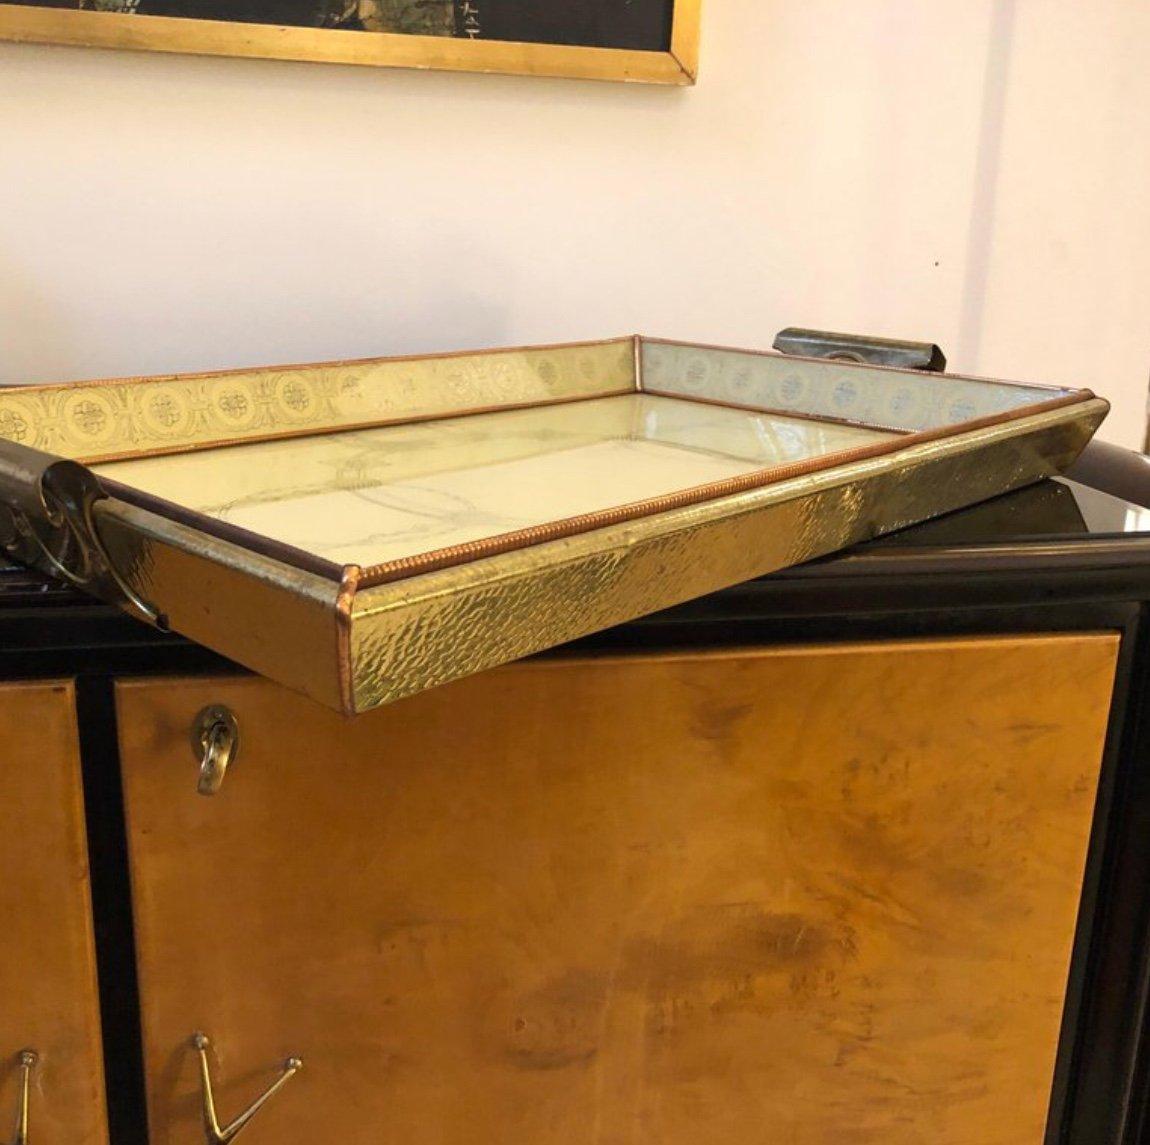 Vassoio da portata mid century in rame e ottone di mb italia anni 39 50 in vendita su pamono - Vassoio da portata ...